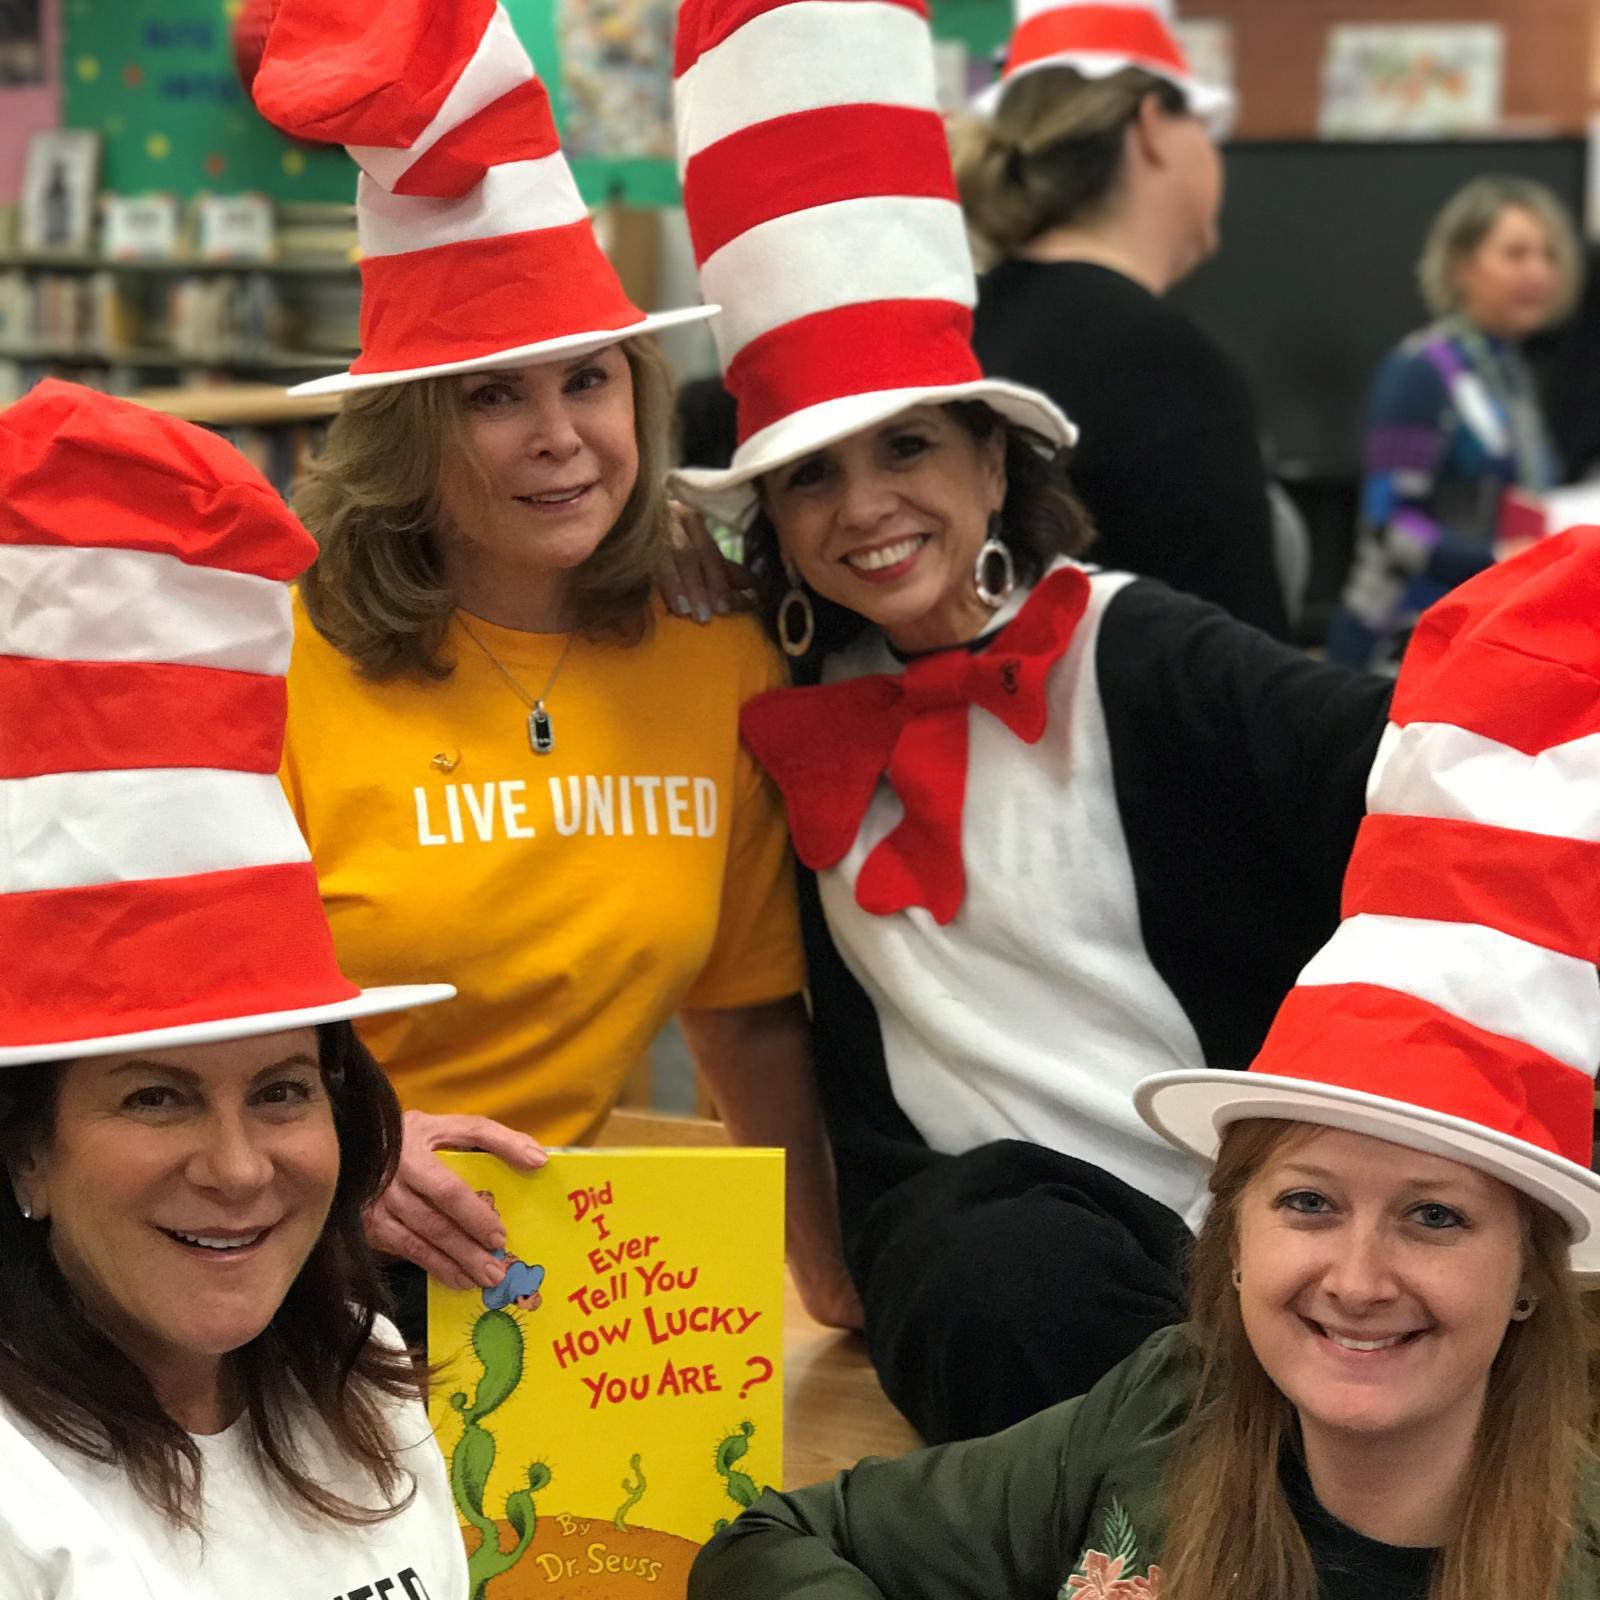 women in dr. seuss hats